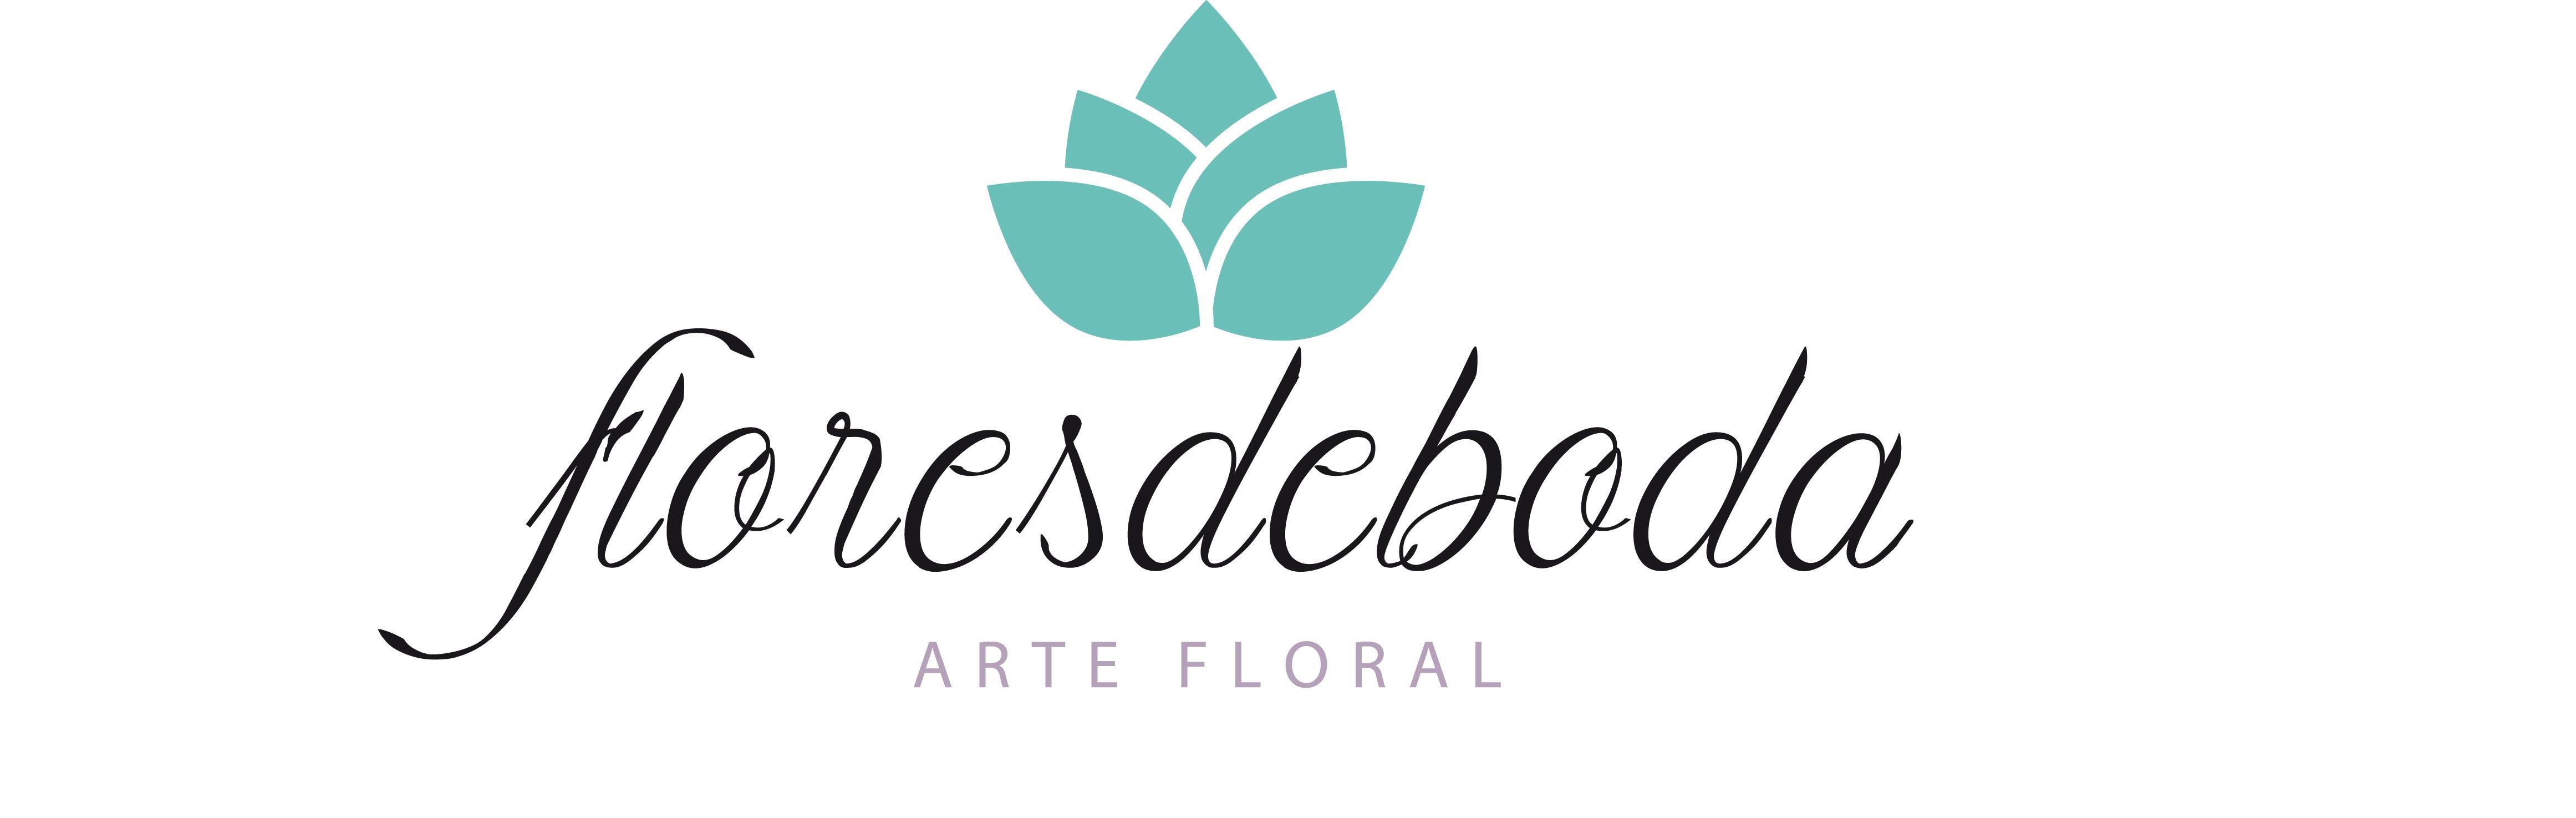 Floresdeboda